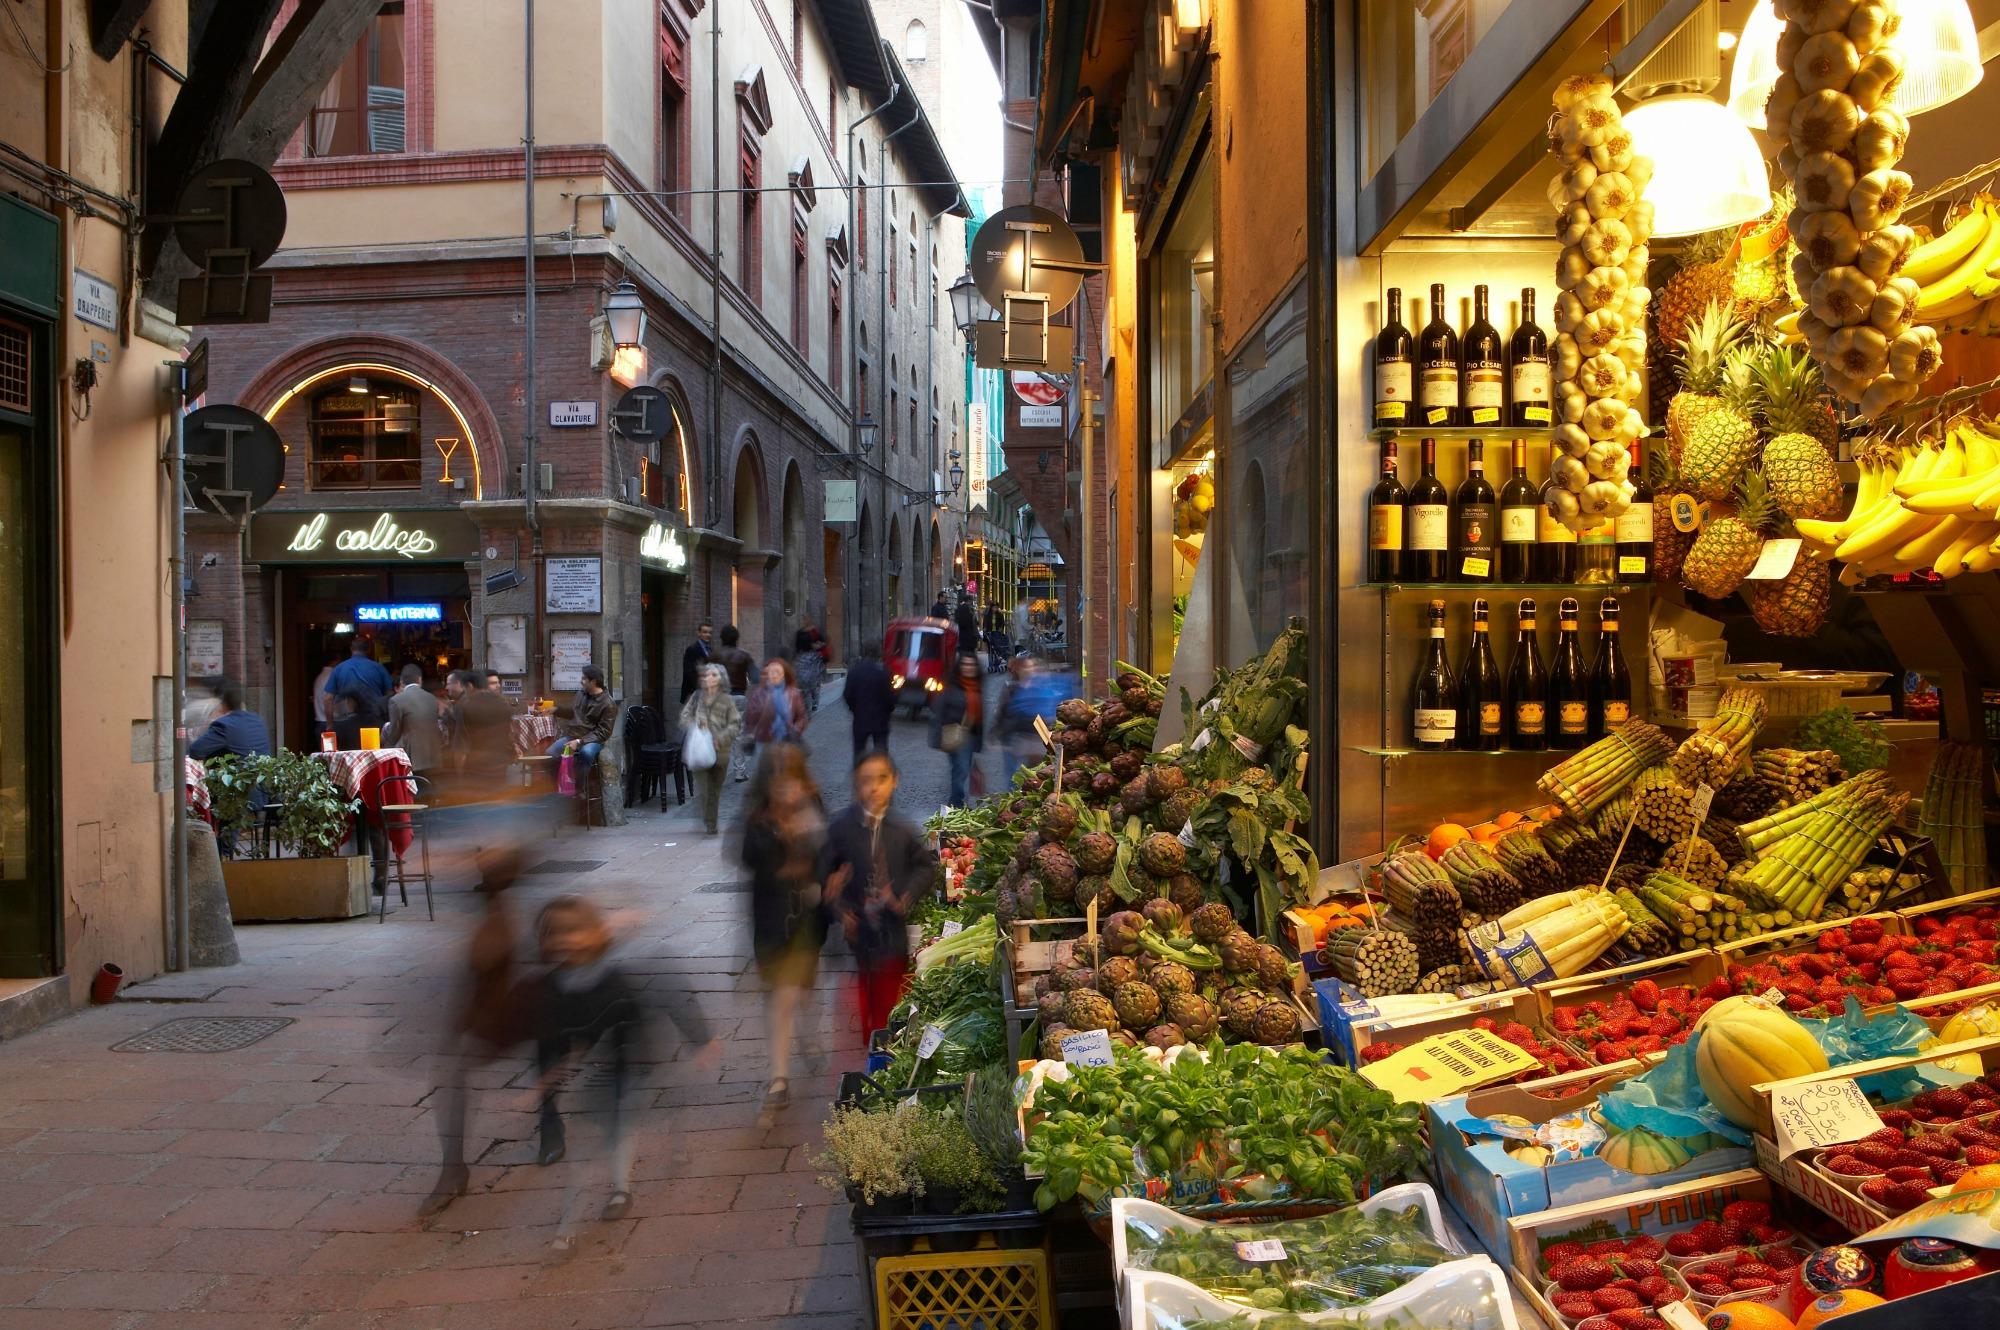 I Italien blev jeg inviteret til middag hos hotelbestyreren. Det var en sjov oplevelse at spise med en flok unge italienere.